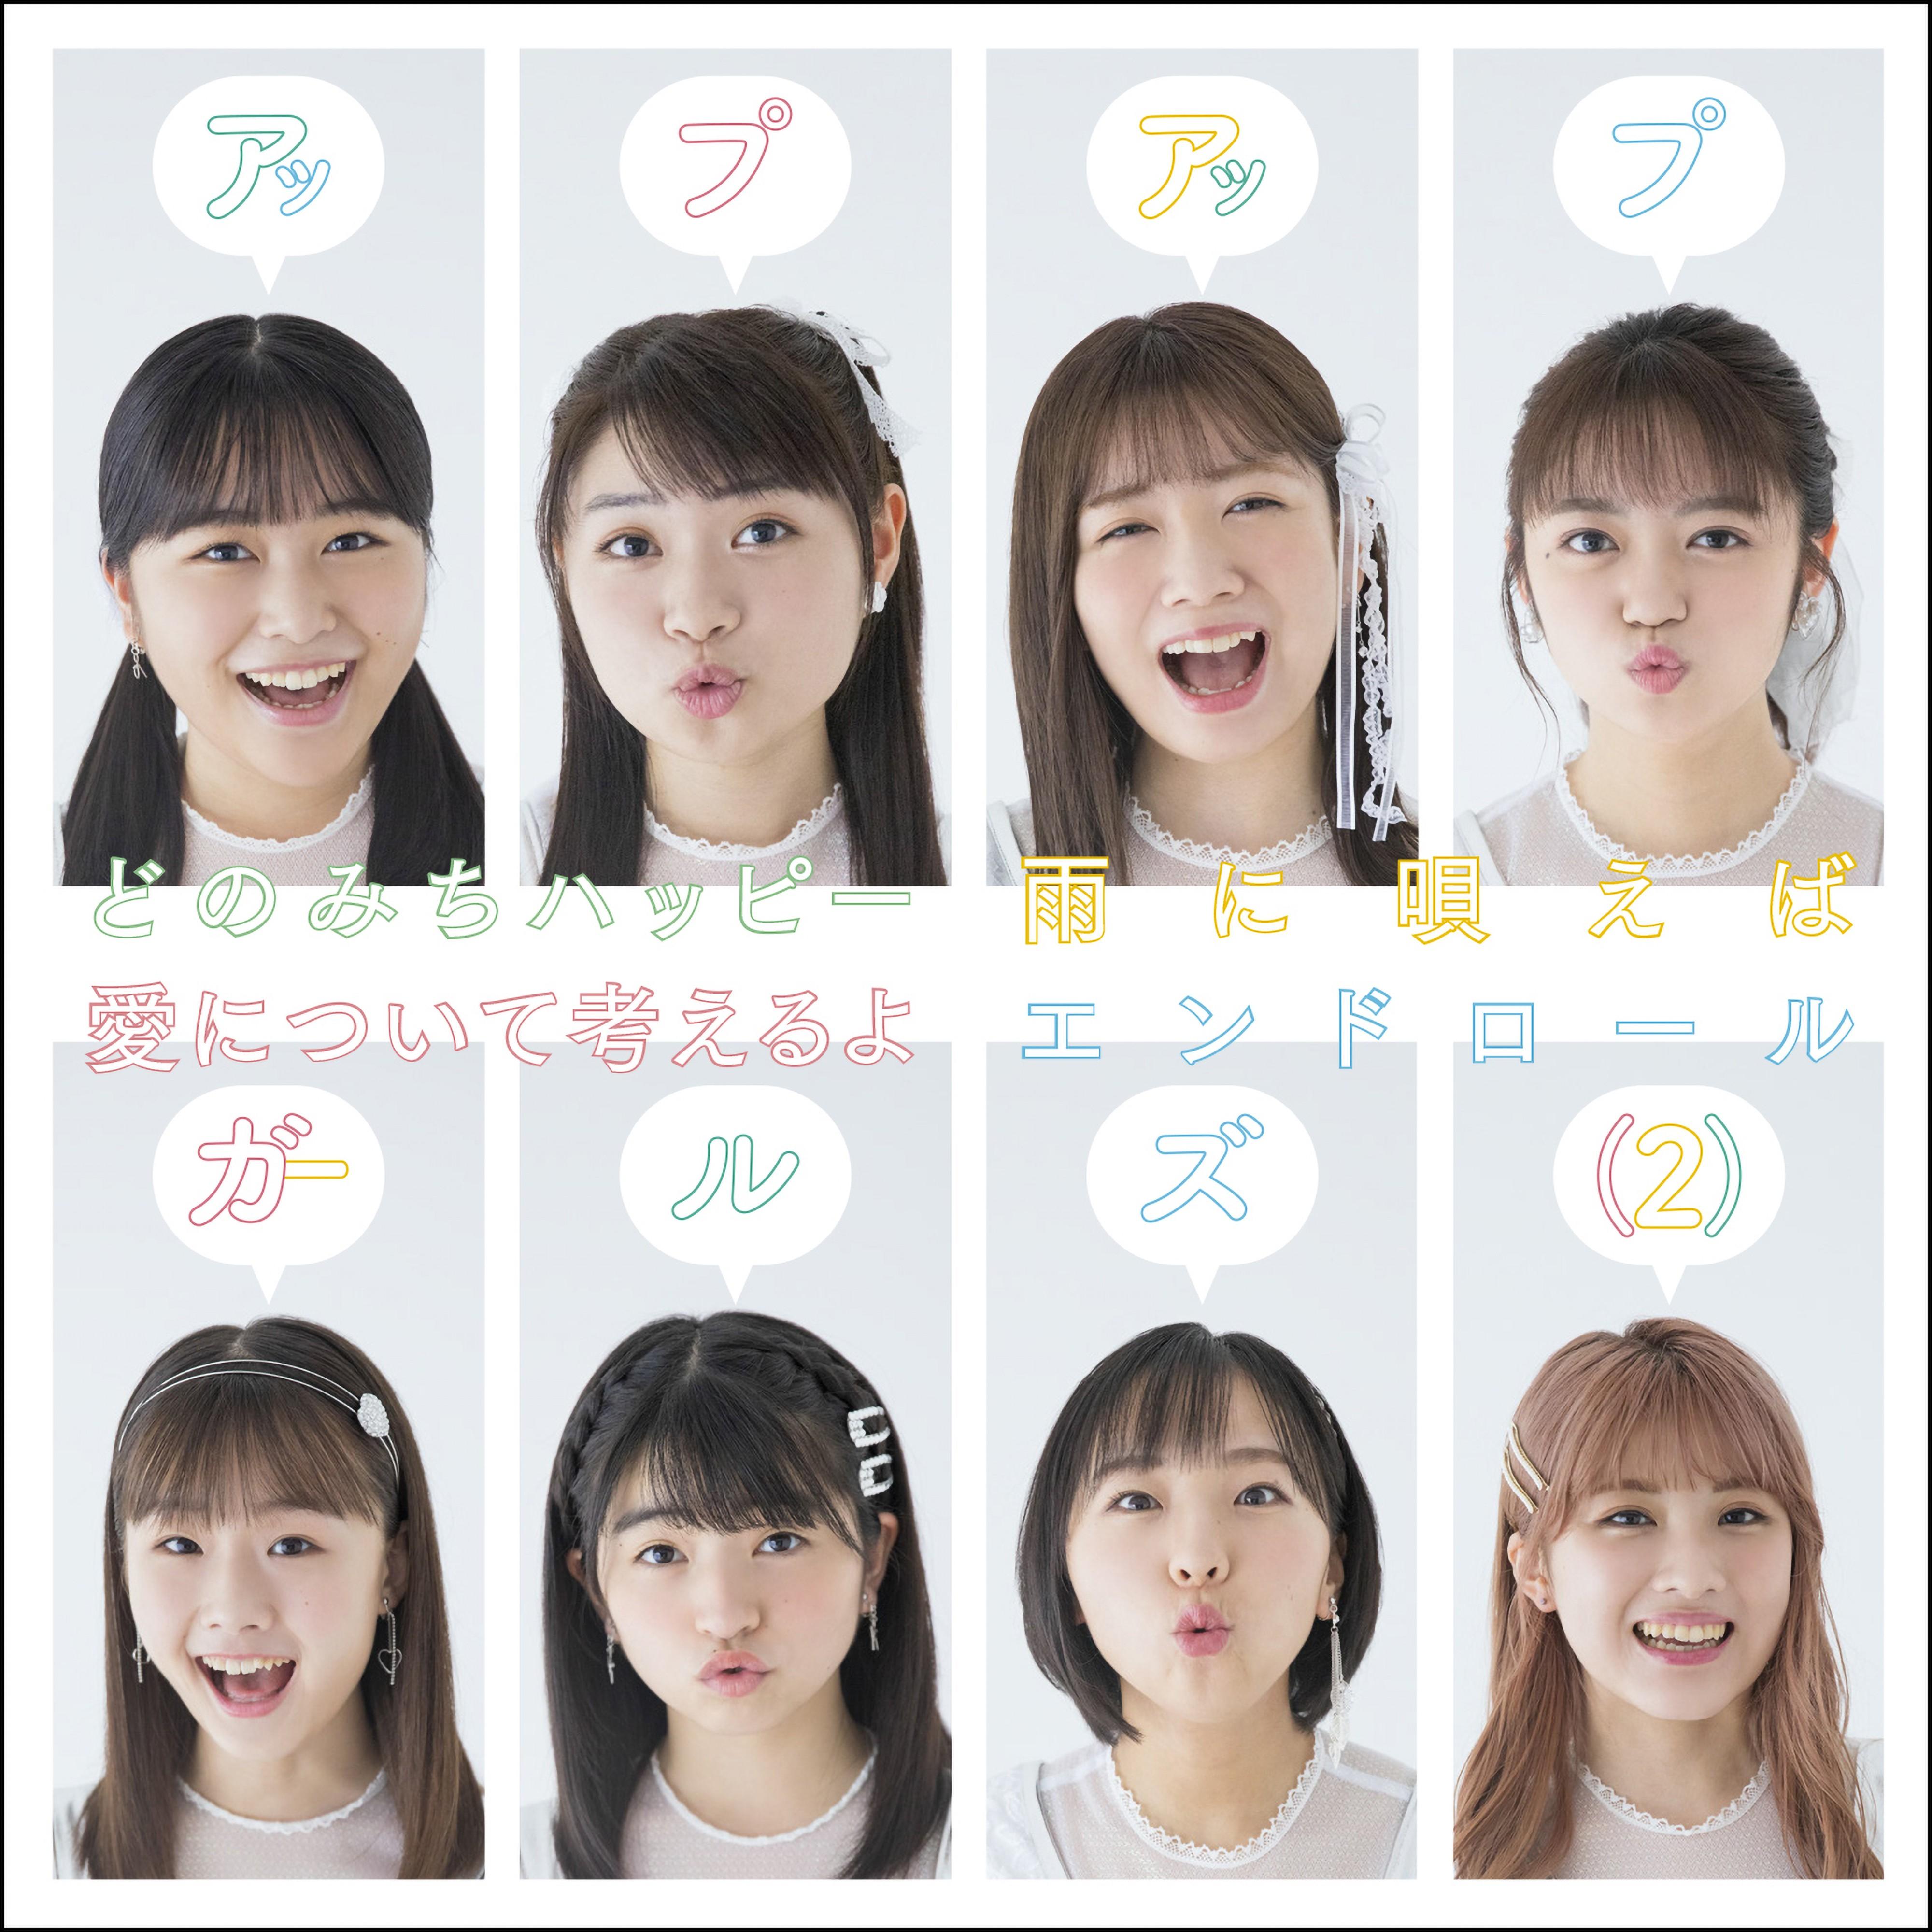 アップアップガールズ(2)  (Up Up Girls (2)) – どのみちハッピー!/雨に唄えば/愛について考えるよ/エンドロール [FLAC + MP3 320 / WEB] [2020.10.07]